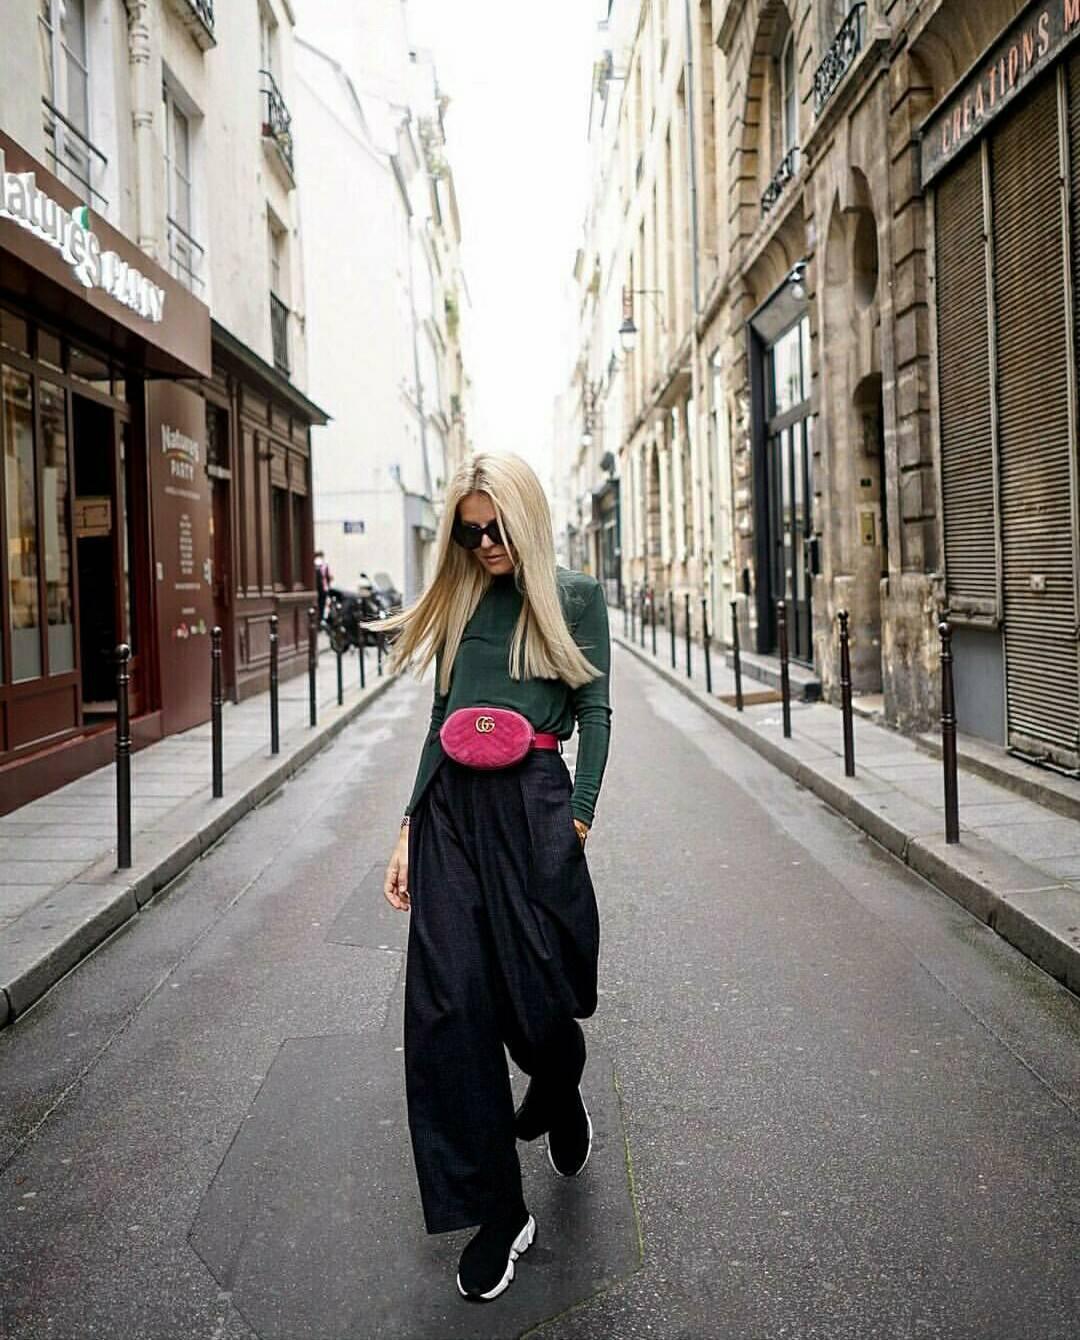 Bauchtasche, fashionblogger Deutschland, Belly bag, Influencer Germany, Bauchtasche Trend